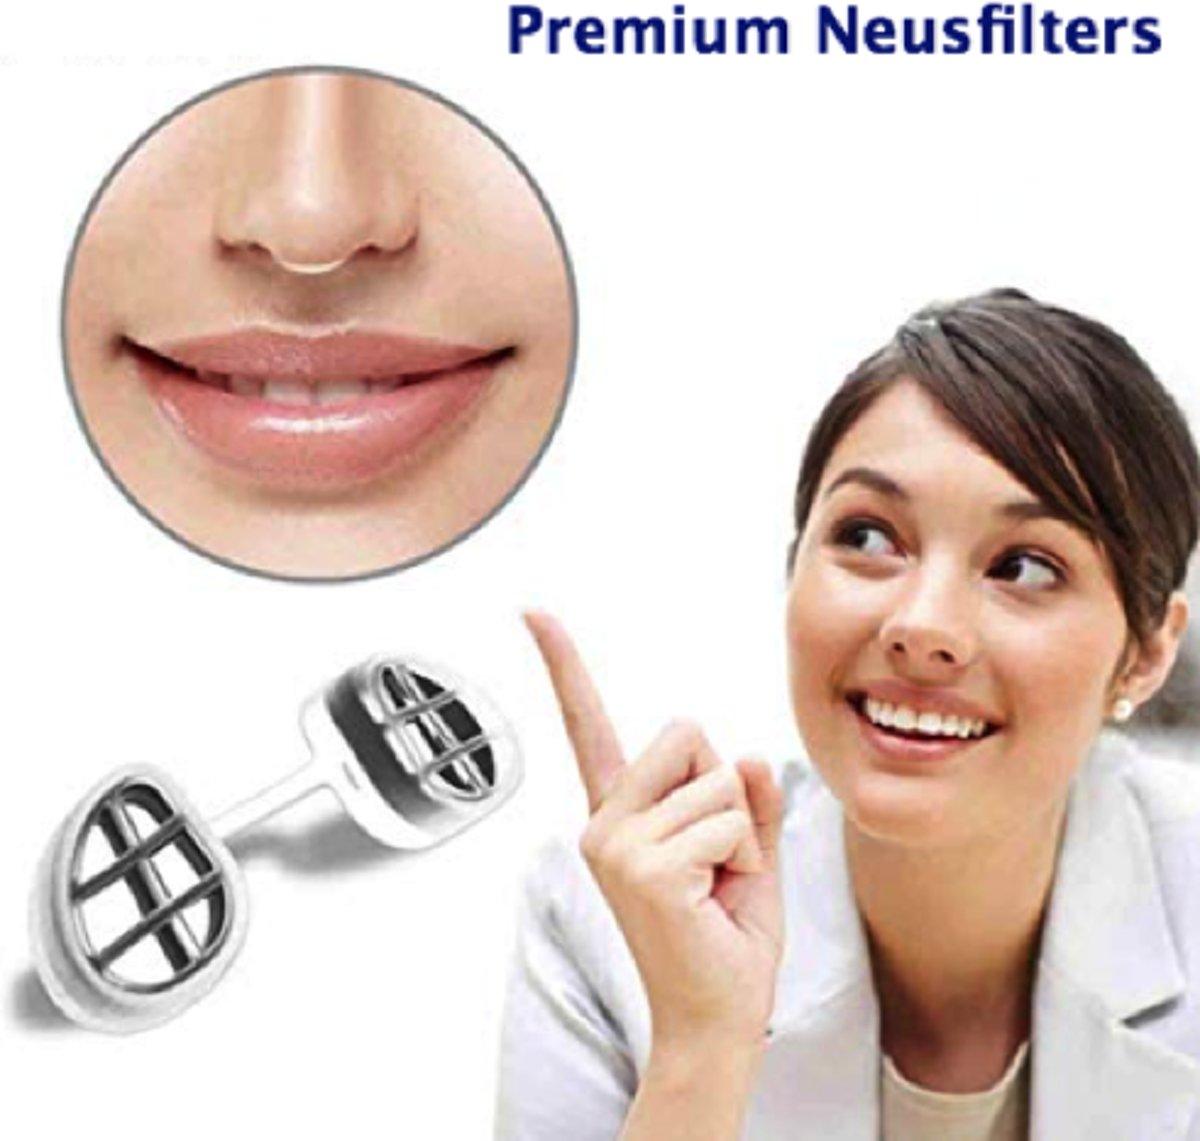 Foto van Anti Allergie M| Anti-Allergie |Neusfilters | Neus Filters | Anti-allergie apparaat | Anti Allergie Apparaat | Hooikoorts | Stofmasker | Stof masker | Adembescherming